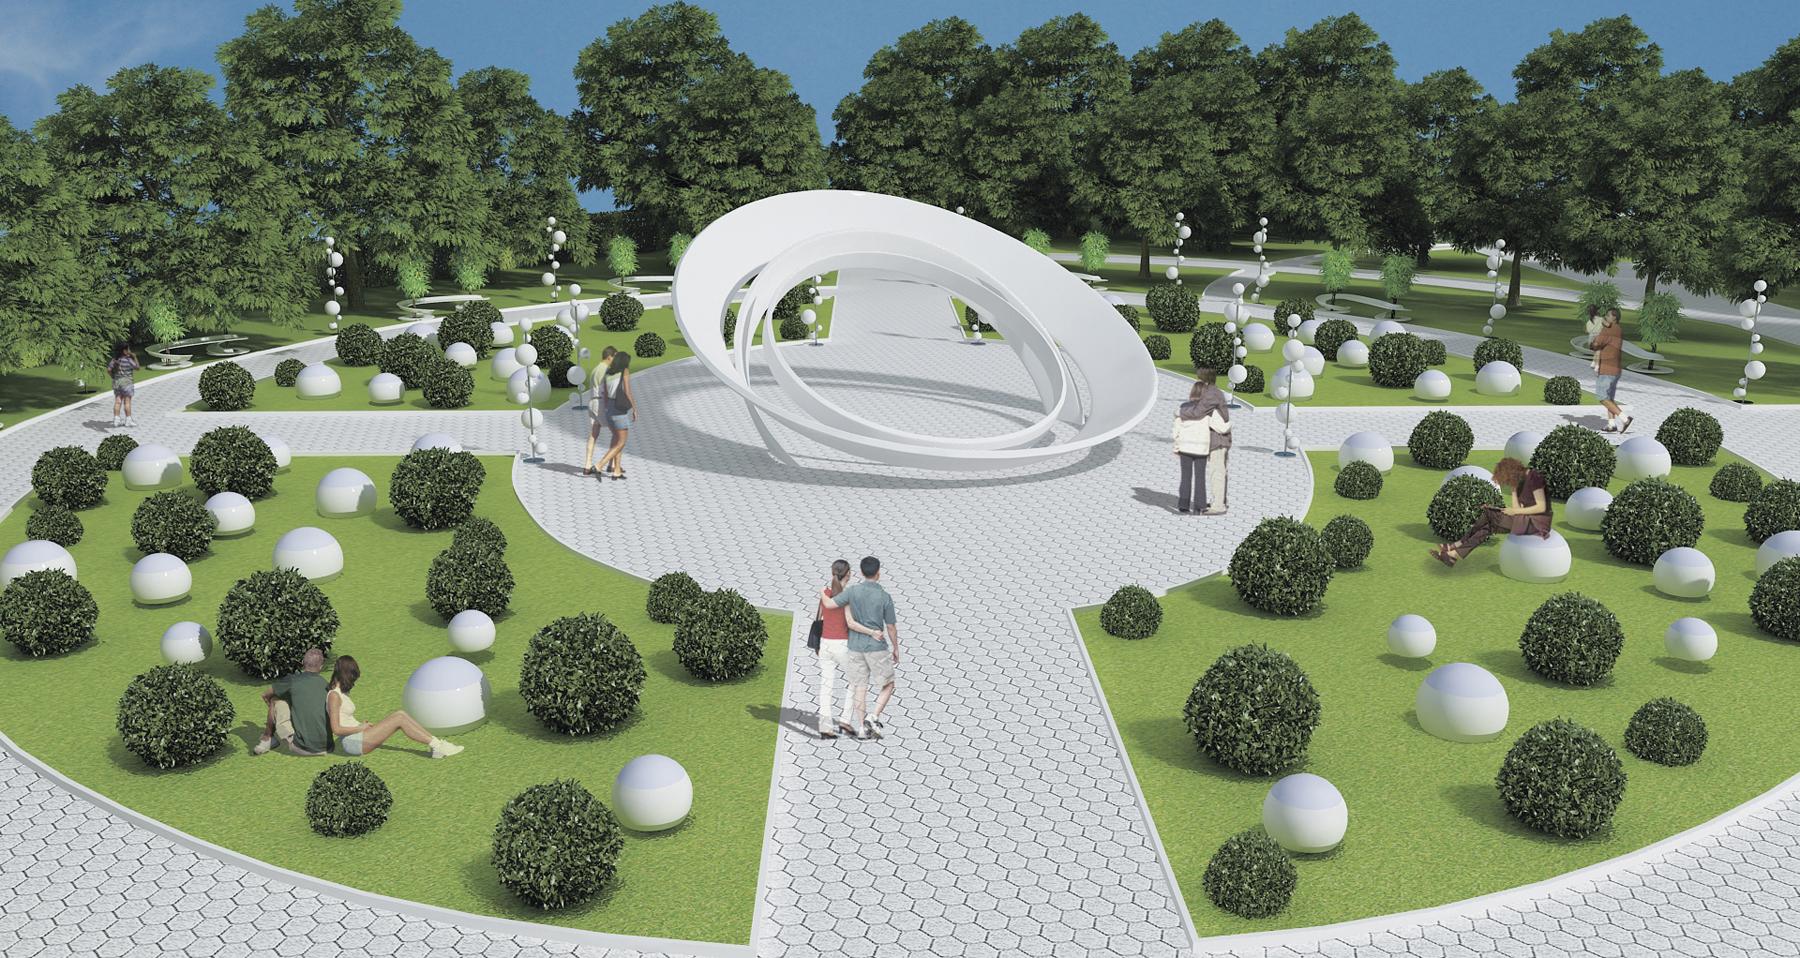 Ландшафтный дизайн и строительство МАФ: беседки, арки